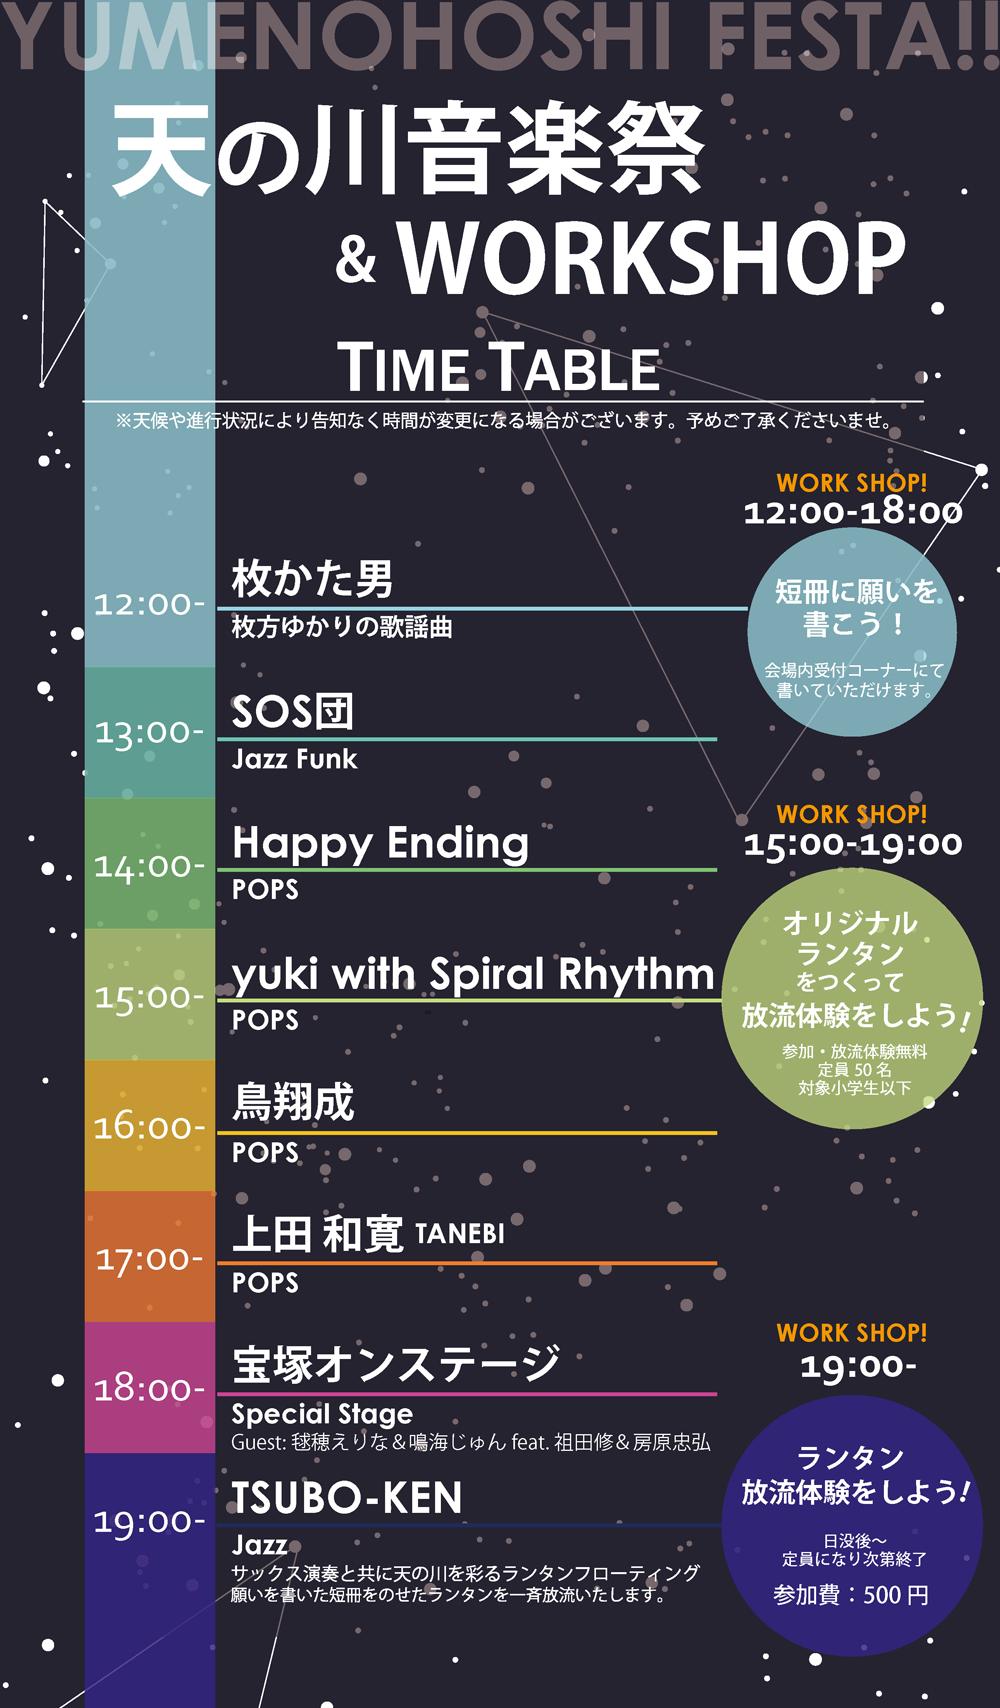 ゆめのほしフェスタ2017タイムスケジュール